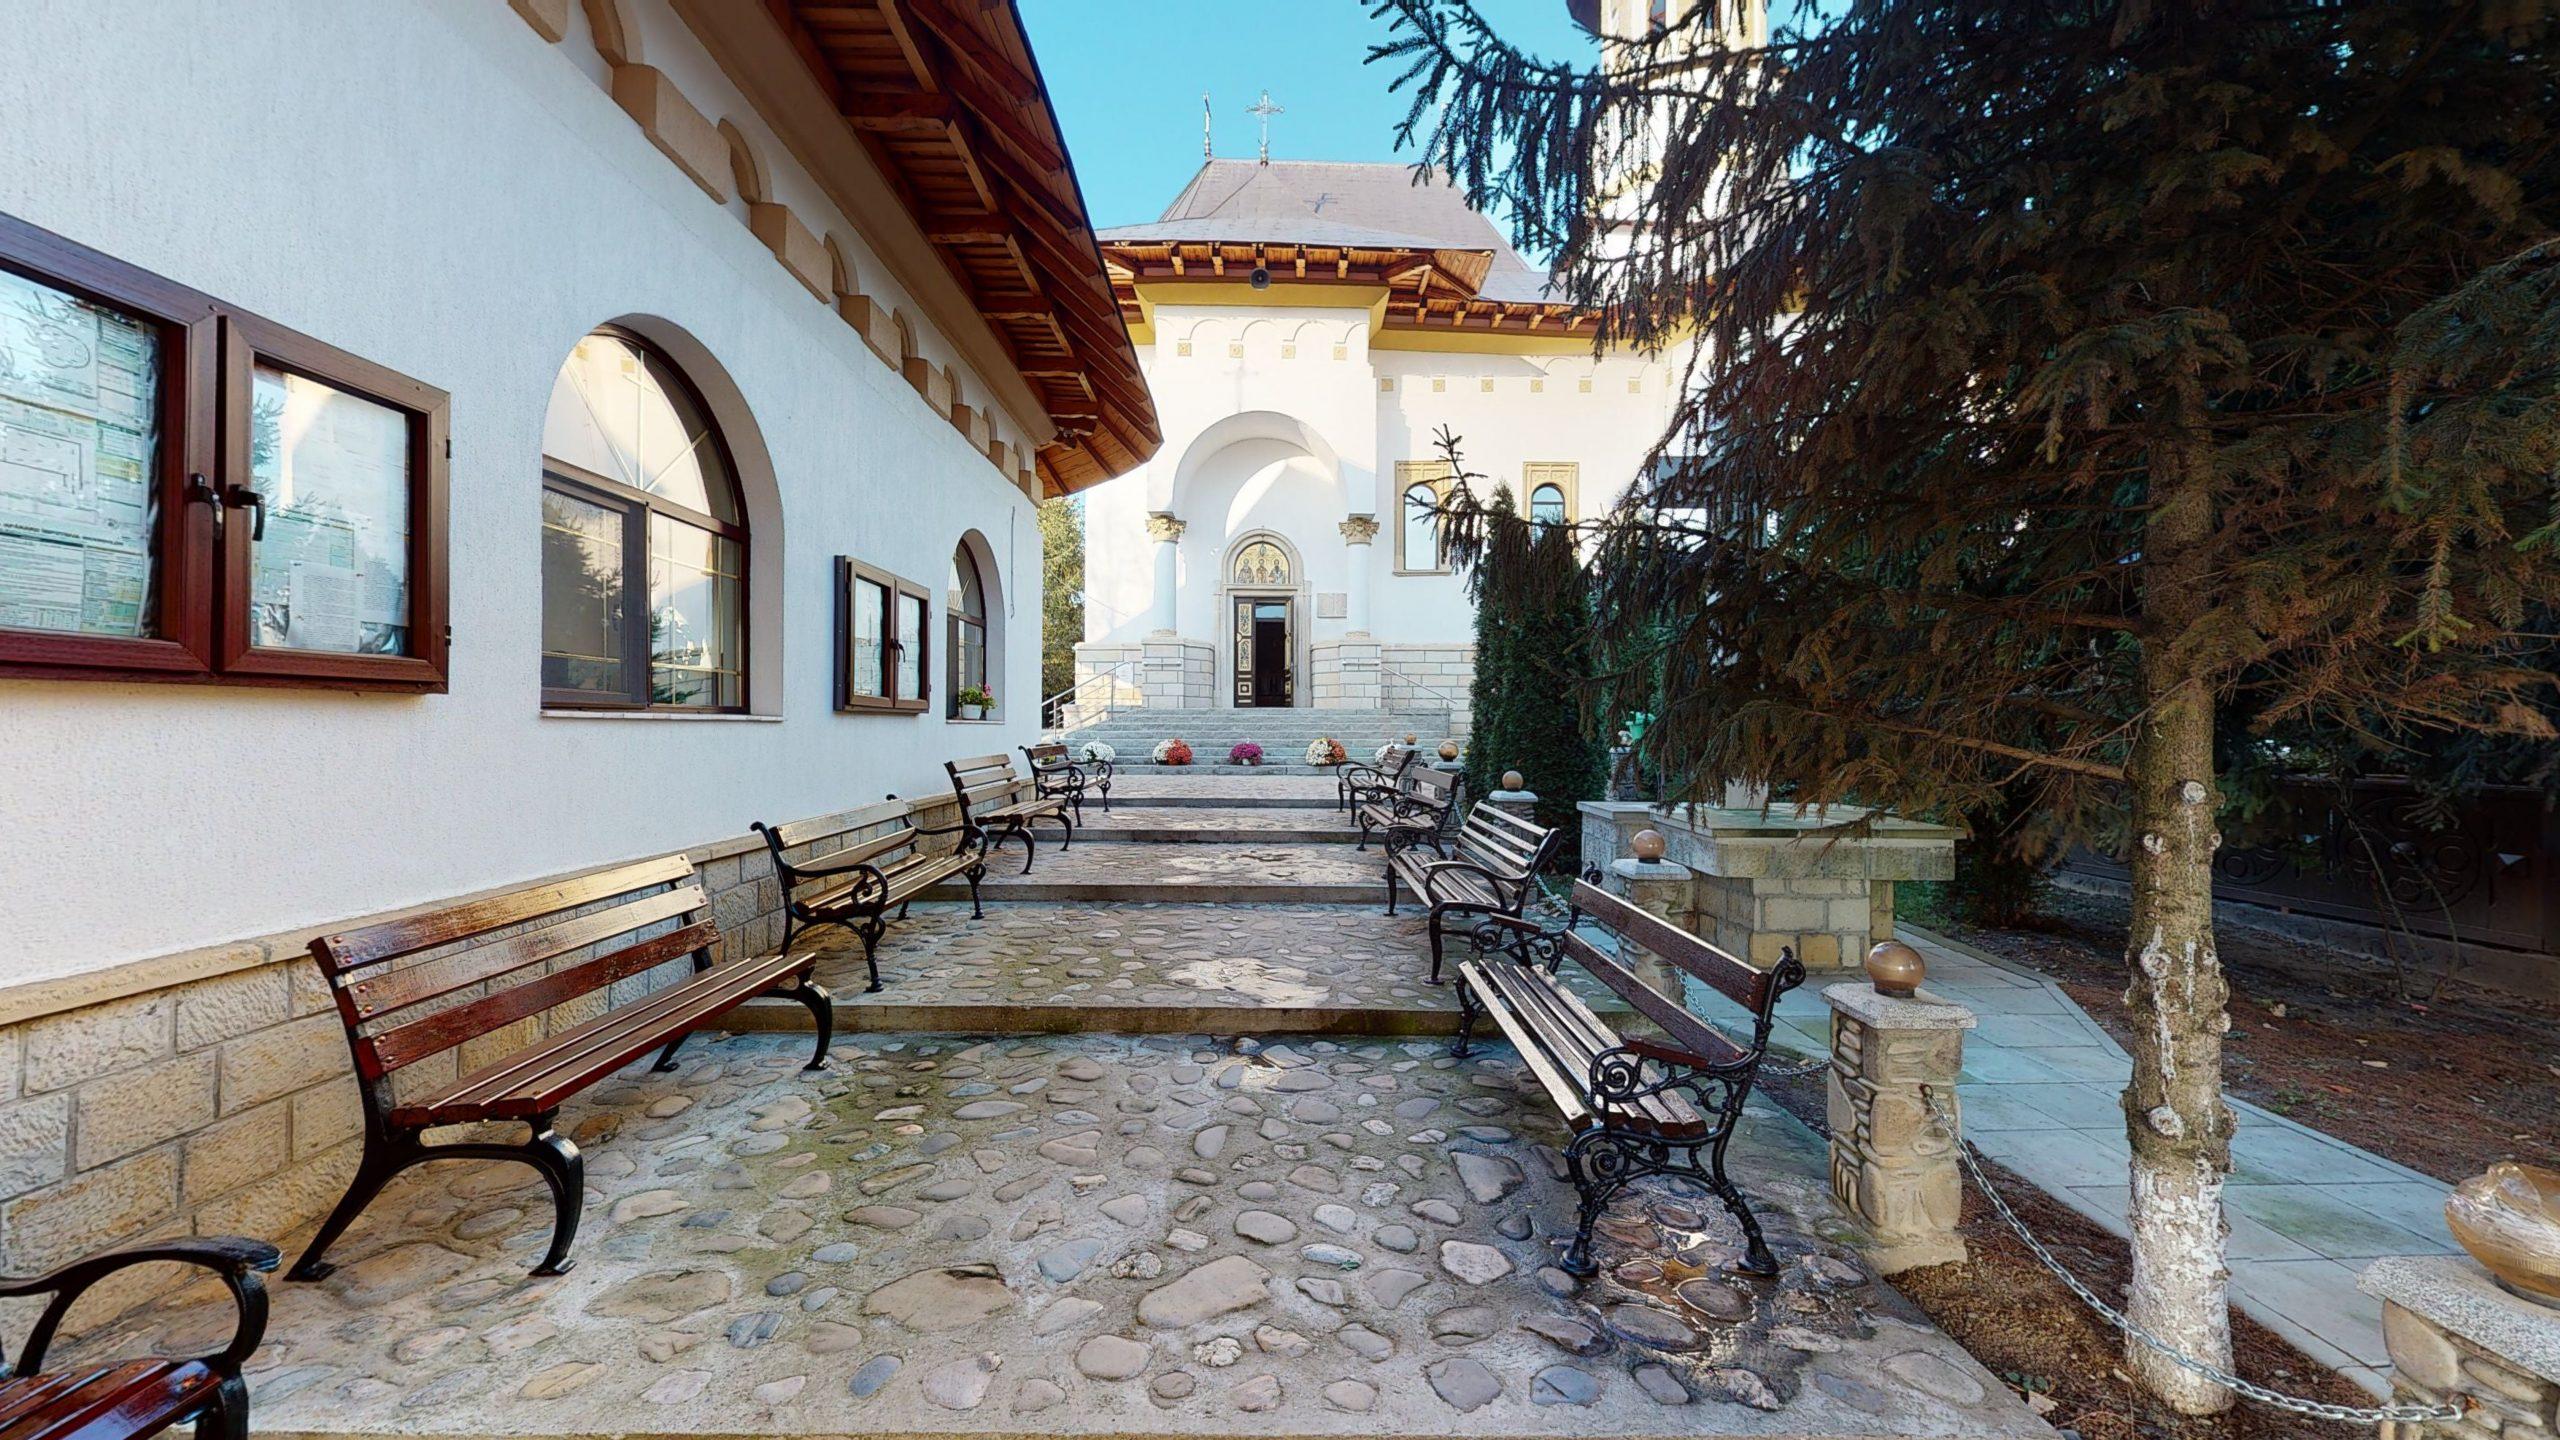 Biserica-Sfintii-Trei-Ierarhi-Flamanzi-12182020_121844